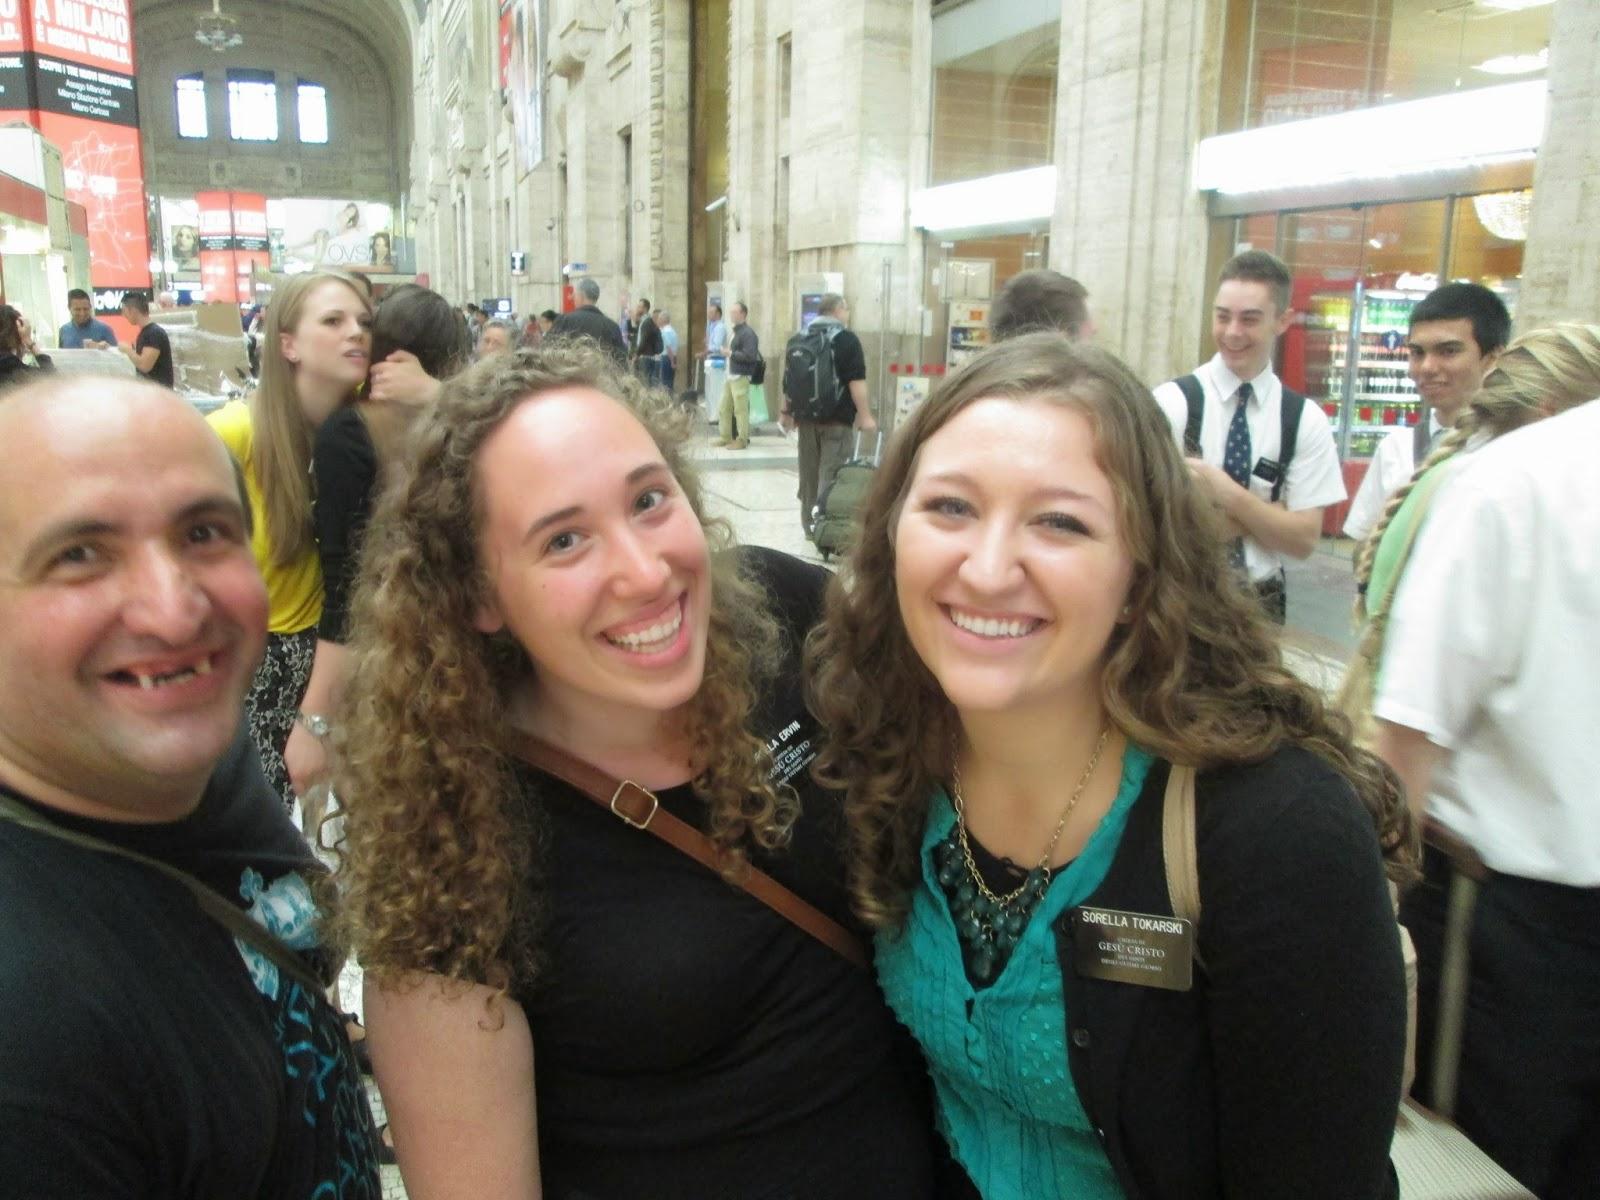 Italian women in missionary